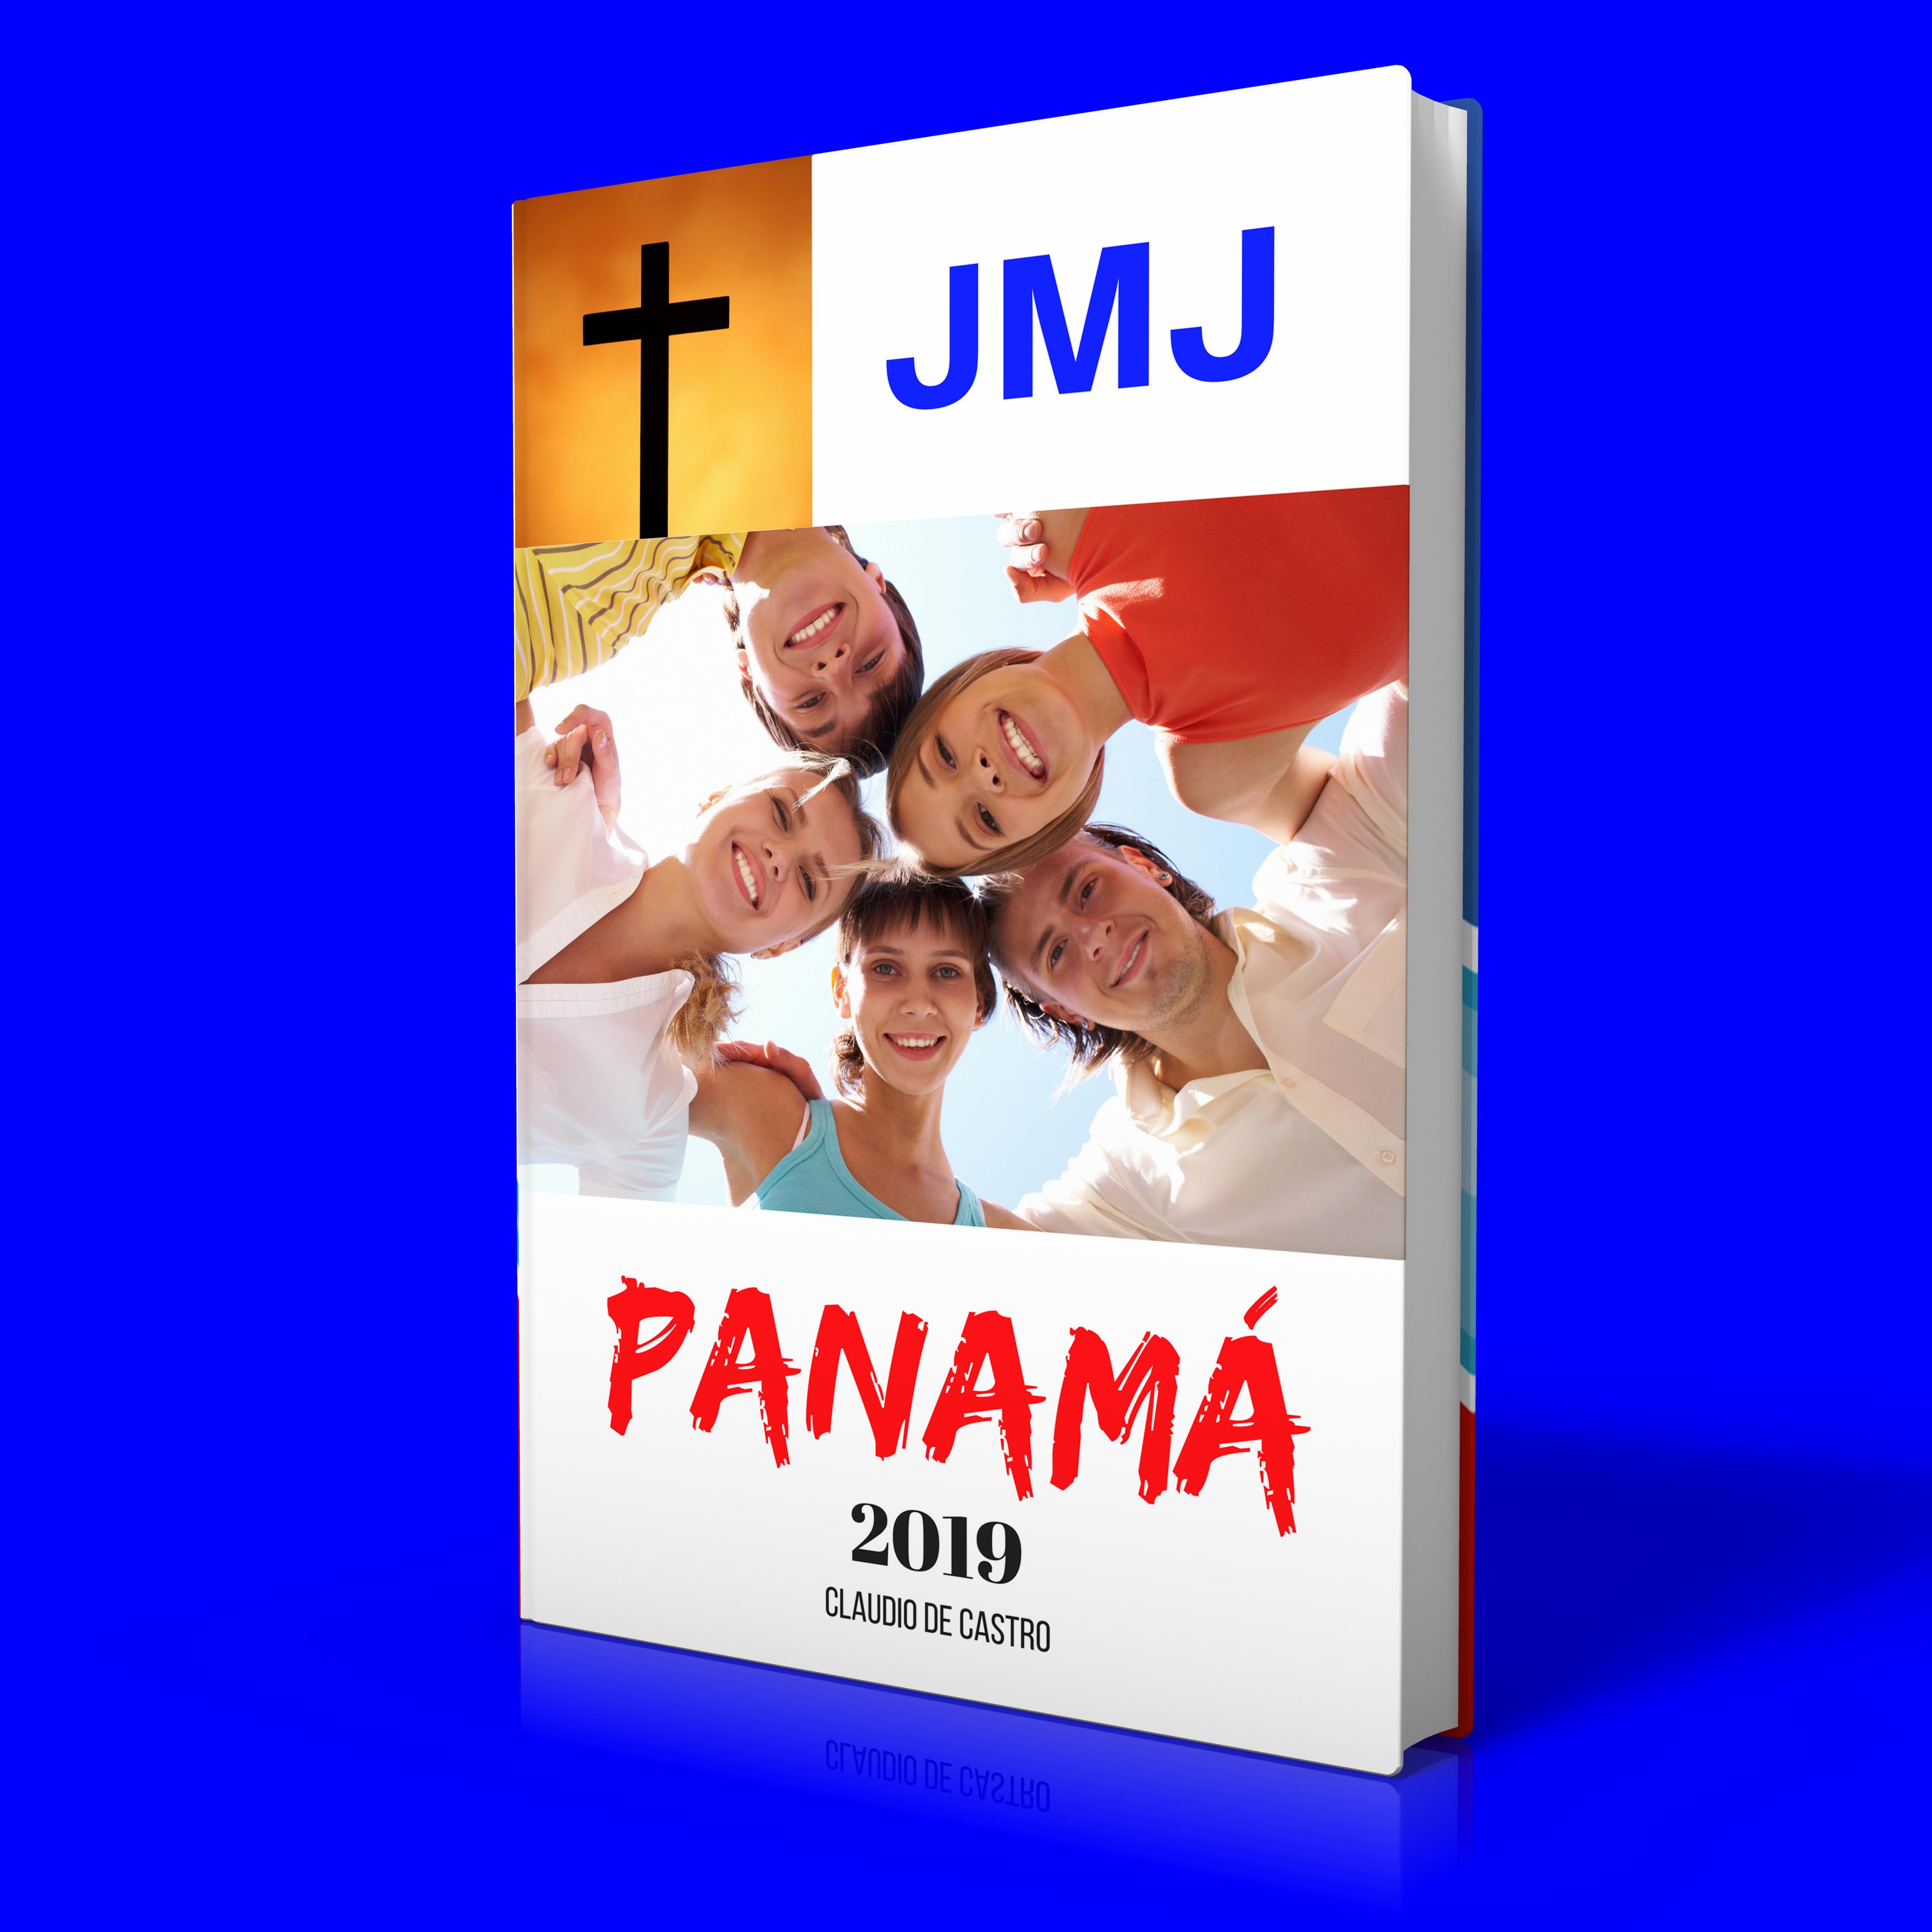 LIbro digital JMJ Panamá 2019 de Caludio de Castro